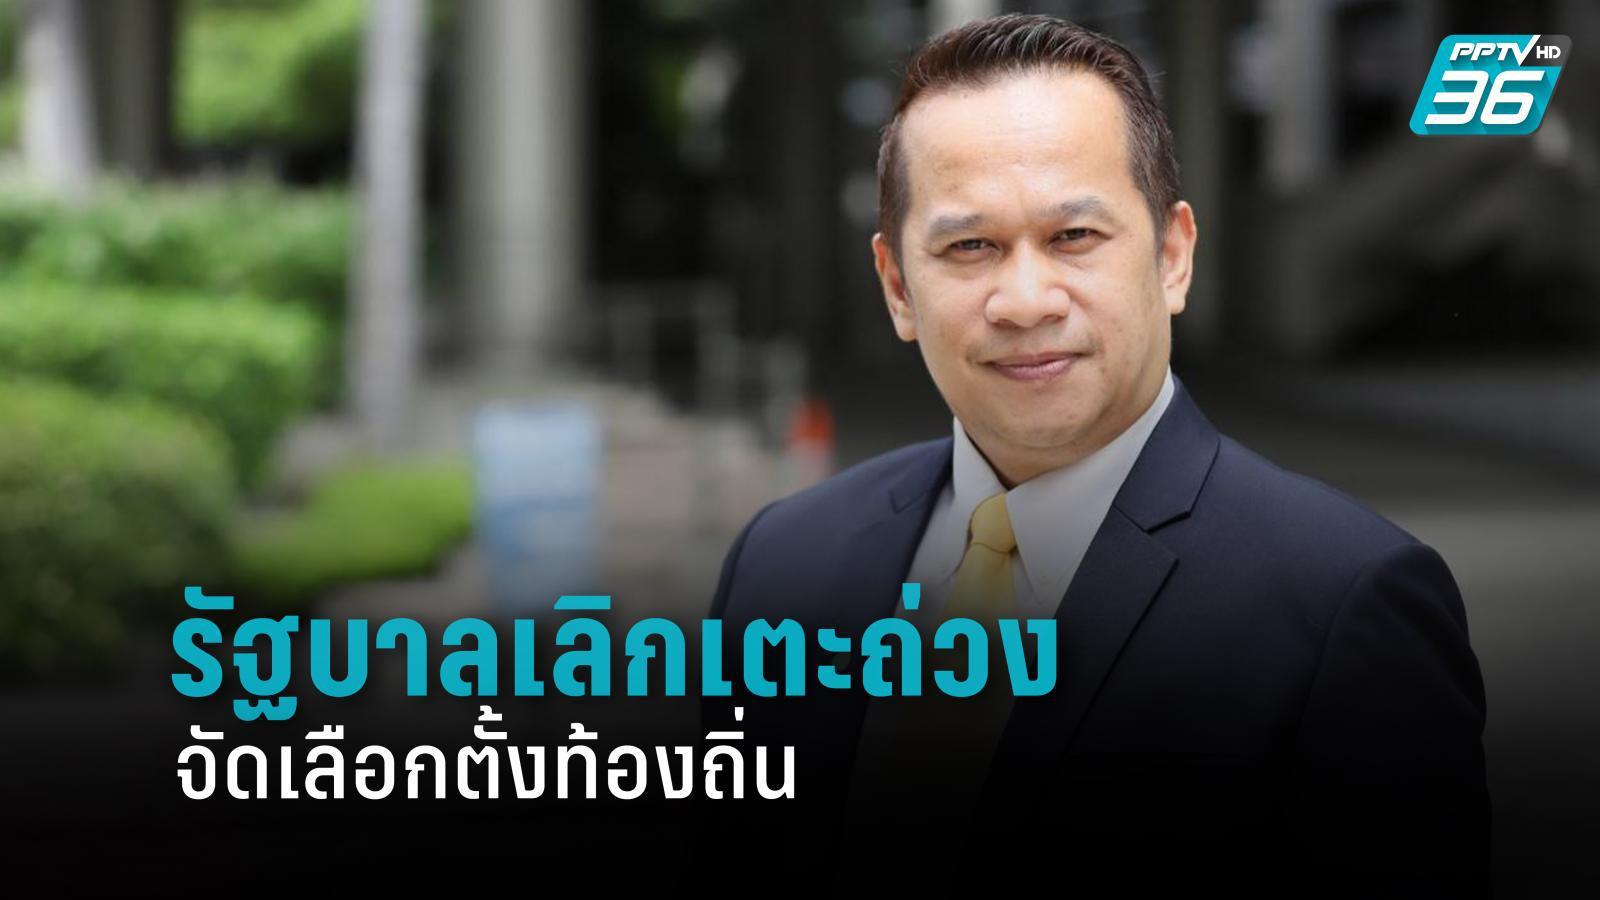 """""""เพื่อไทย"""" จี้ รัฐบาล จัดเลือกตั้งท้องถิ่น หลัง กกต.ยันพร้อมจัดแล้ว"""